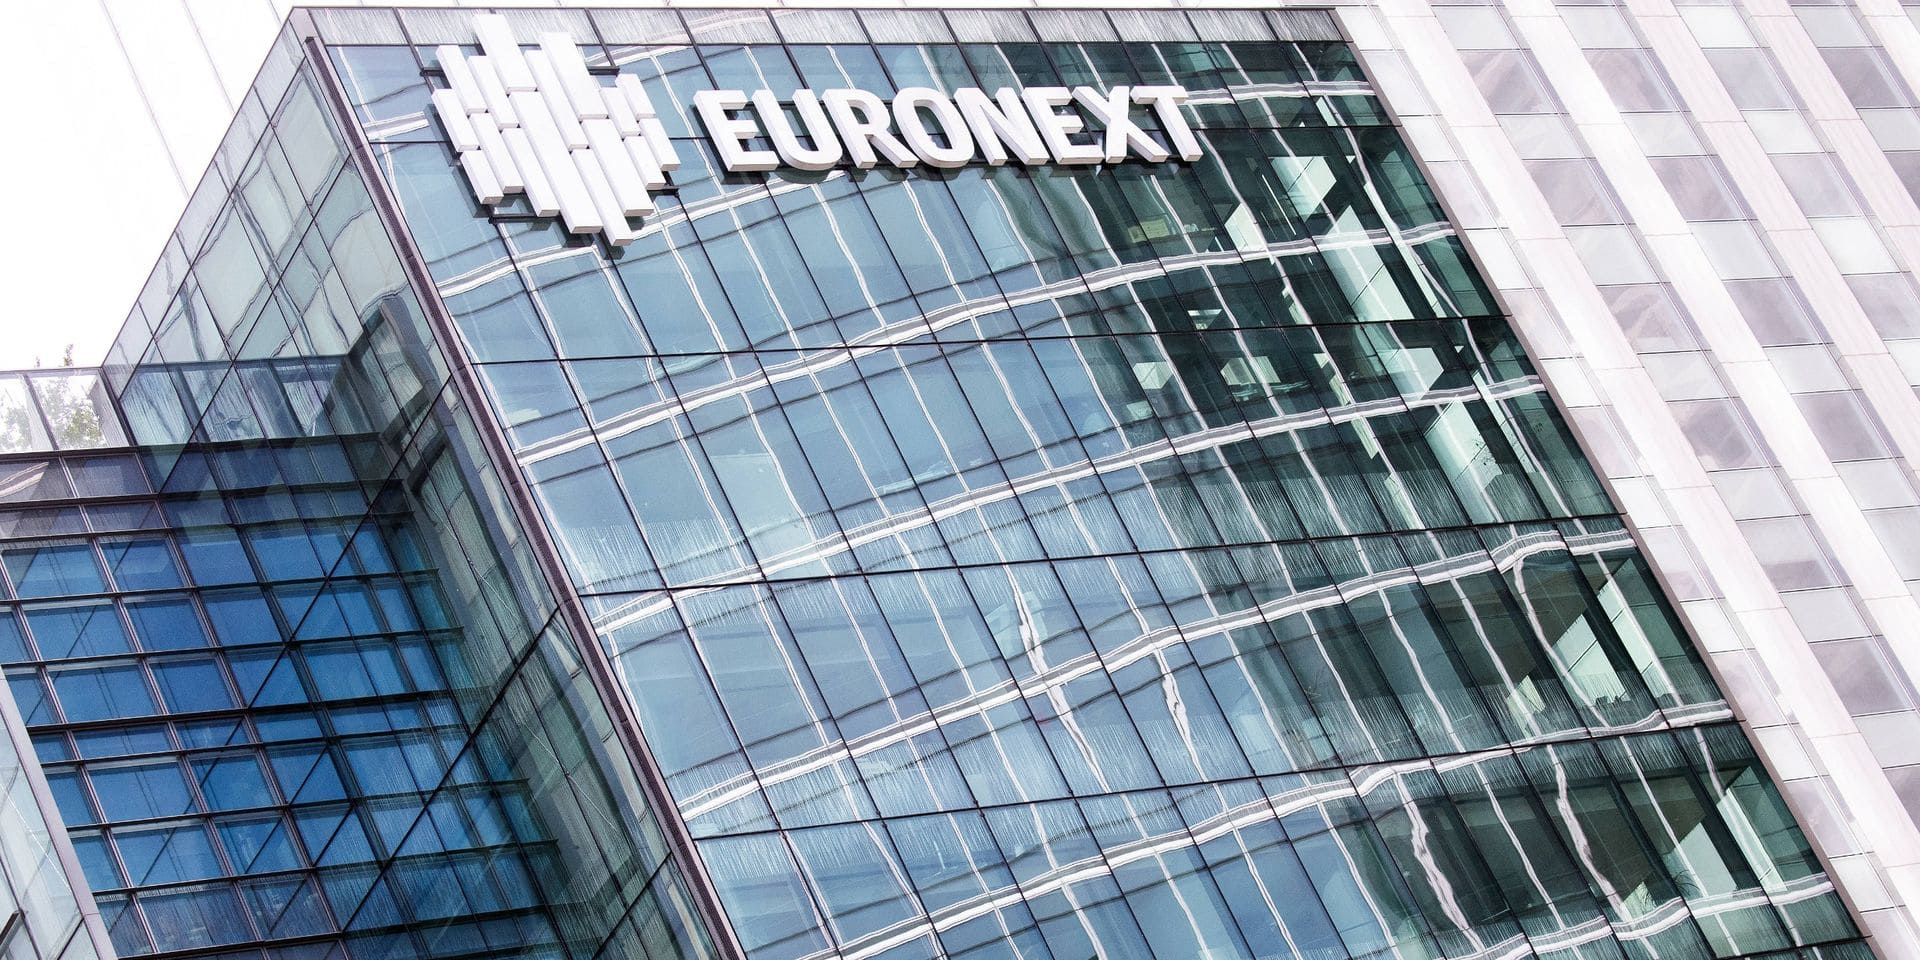 Les Bourses européennes entament la semaine dans le vert, le BEL 20 en bonne forme